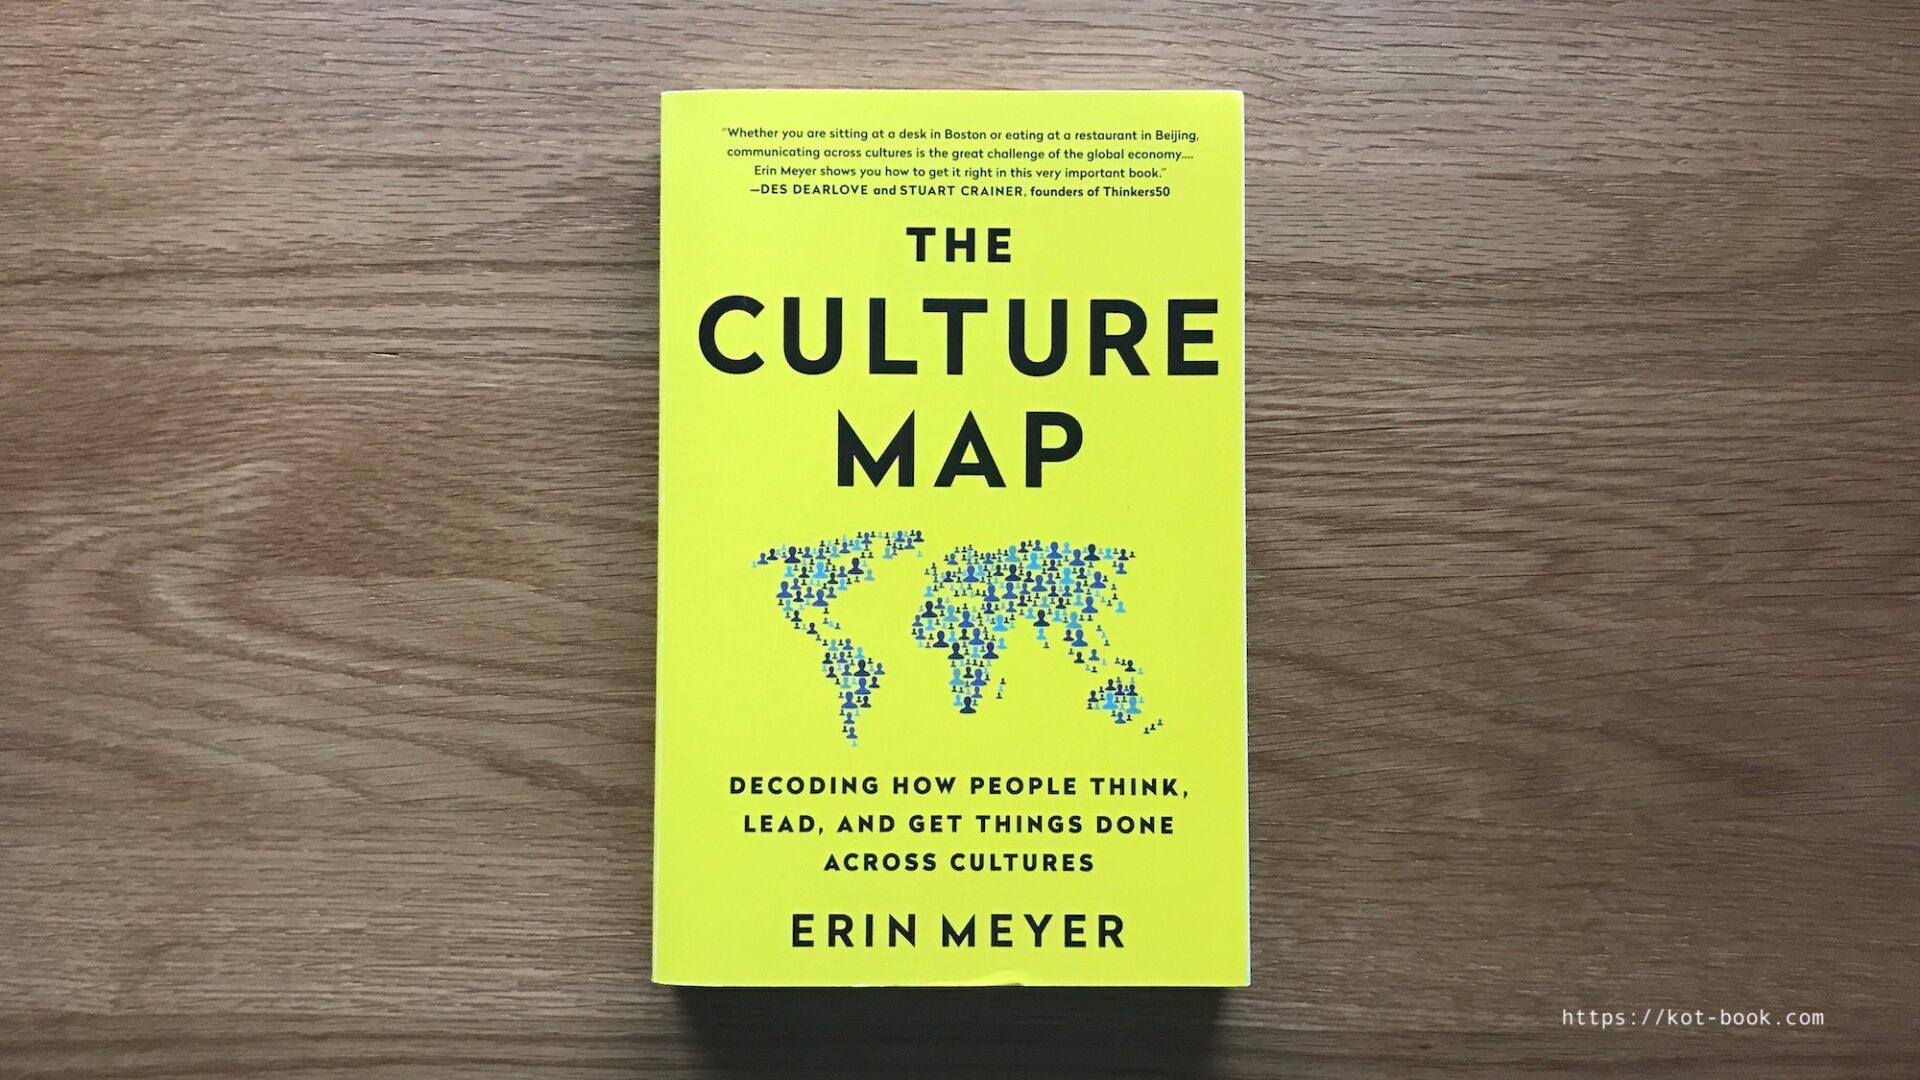 知らないと痛い目に遭うかも?国ごとの文化の差が強烈すぎた The Culture Map【レビュー】